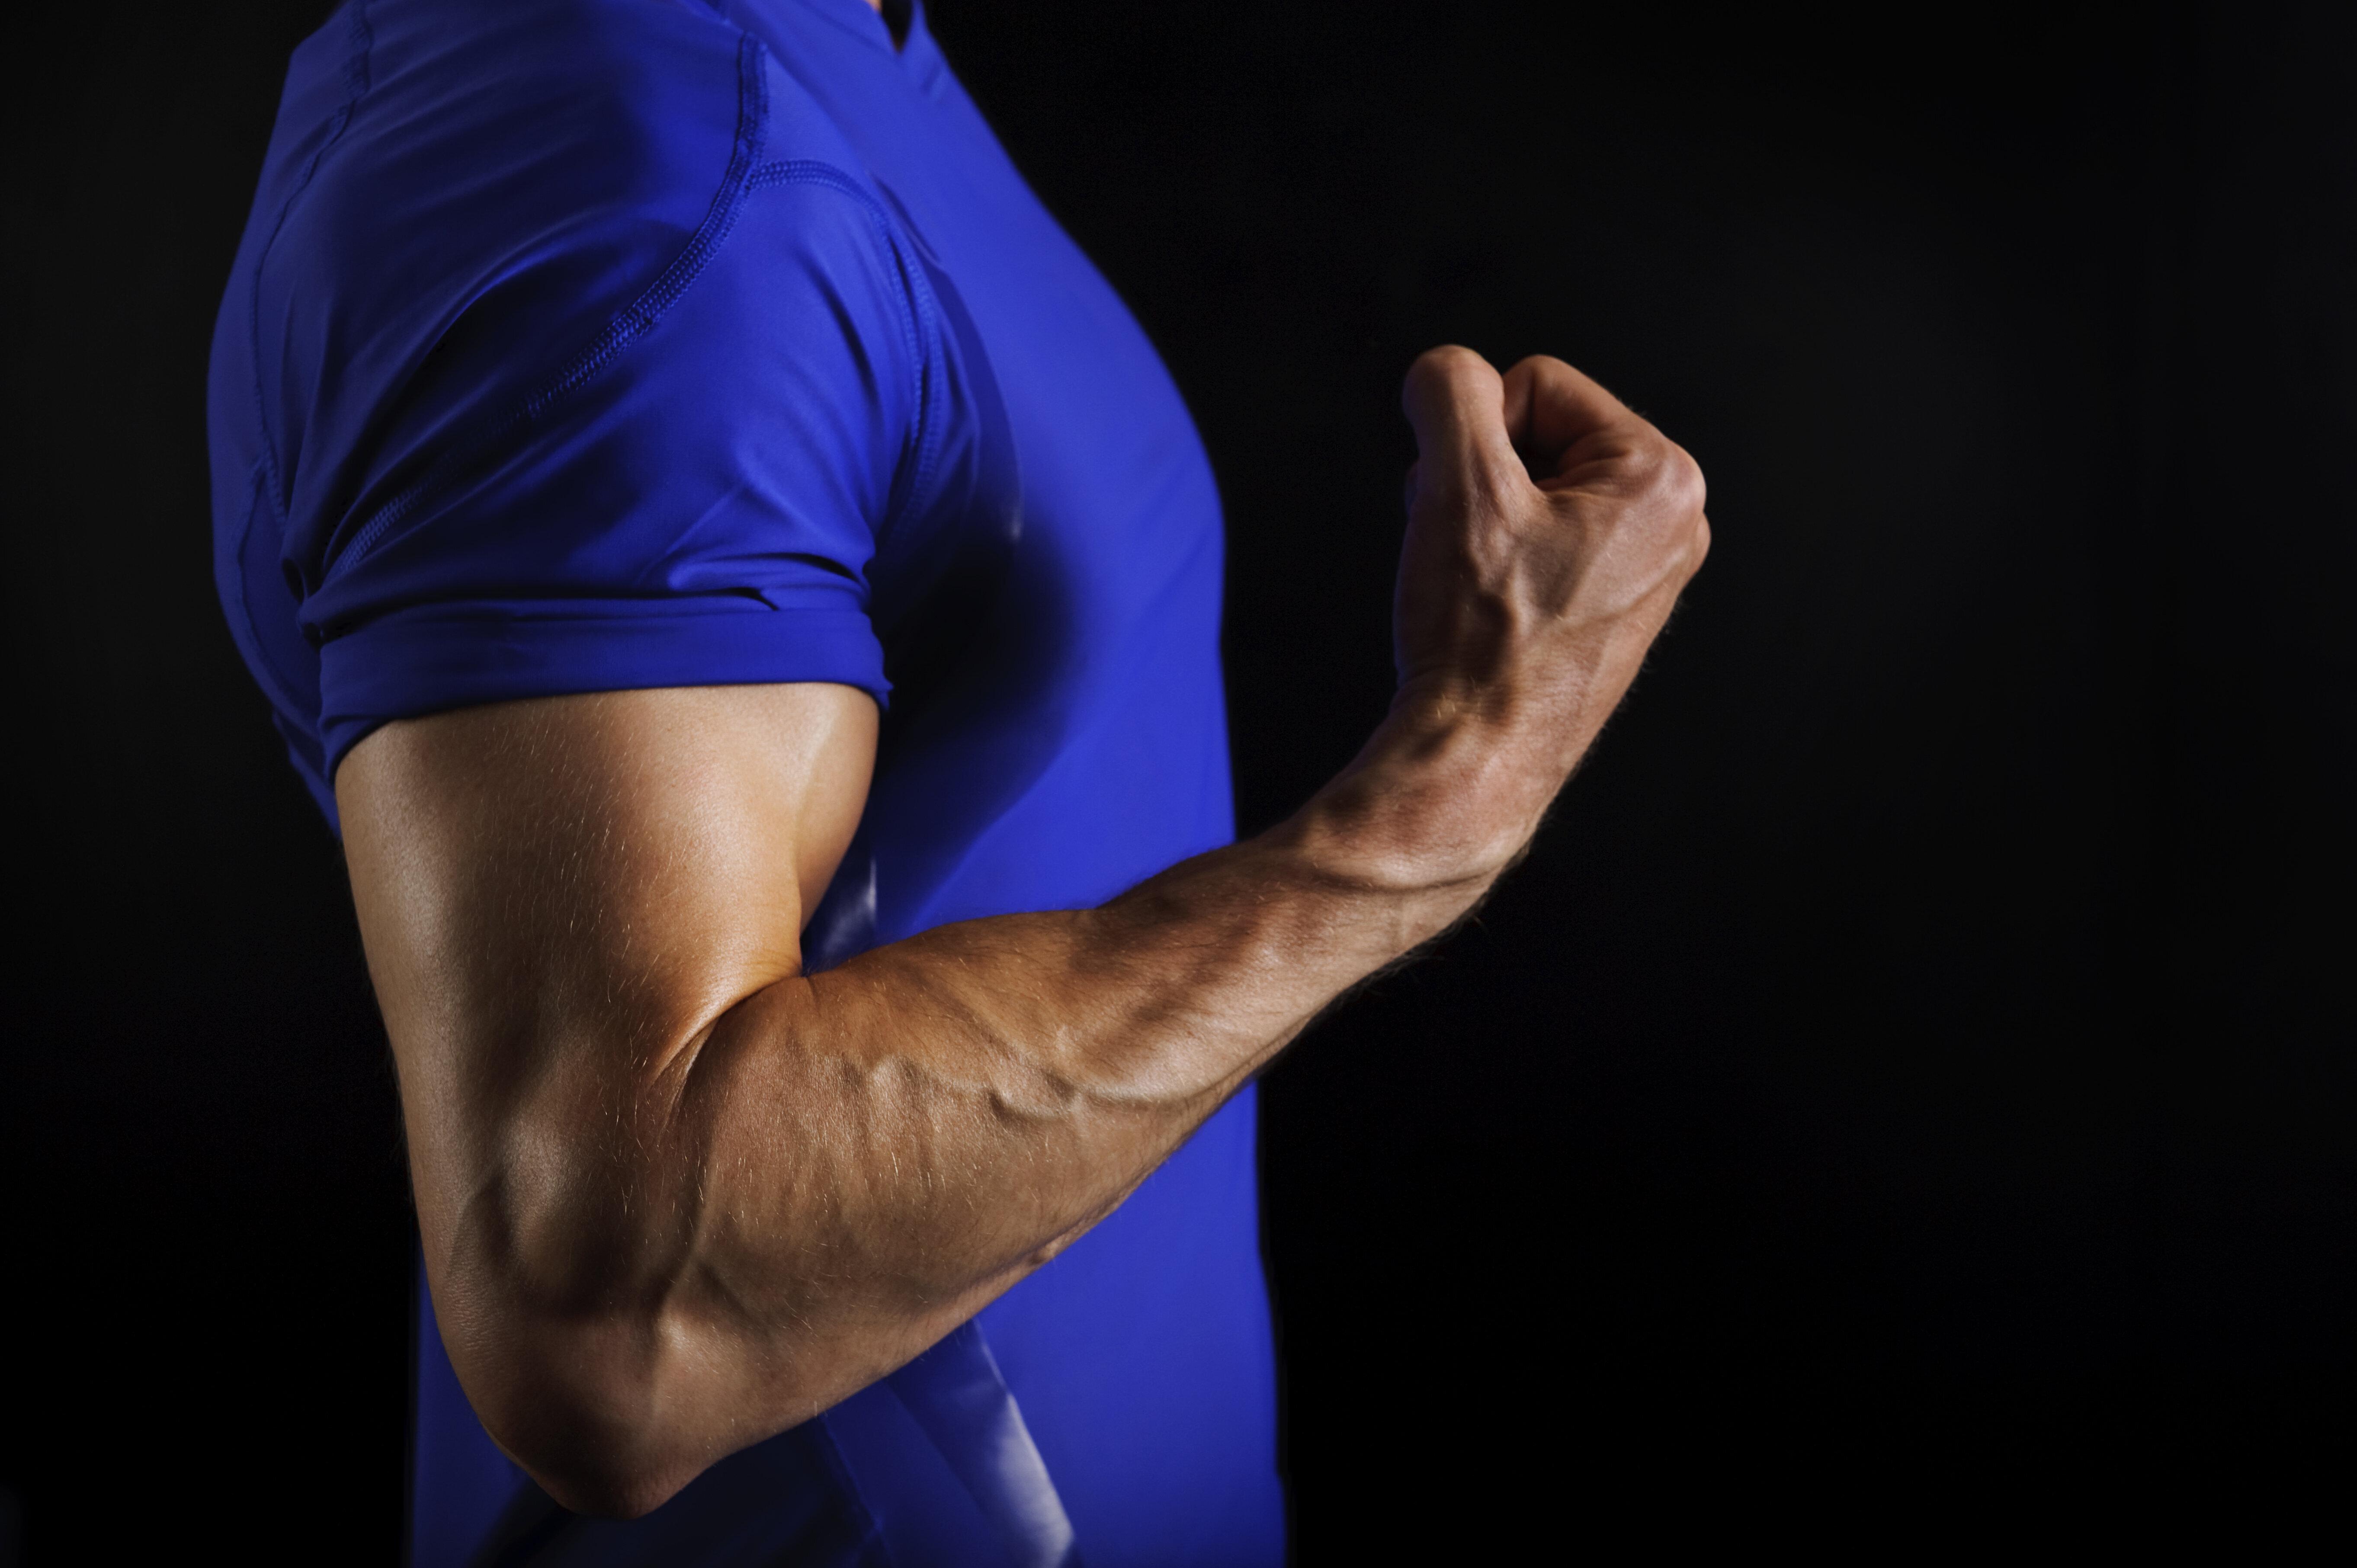 5 exercices pour des bras bien